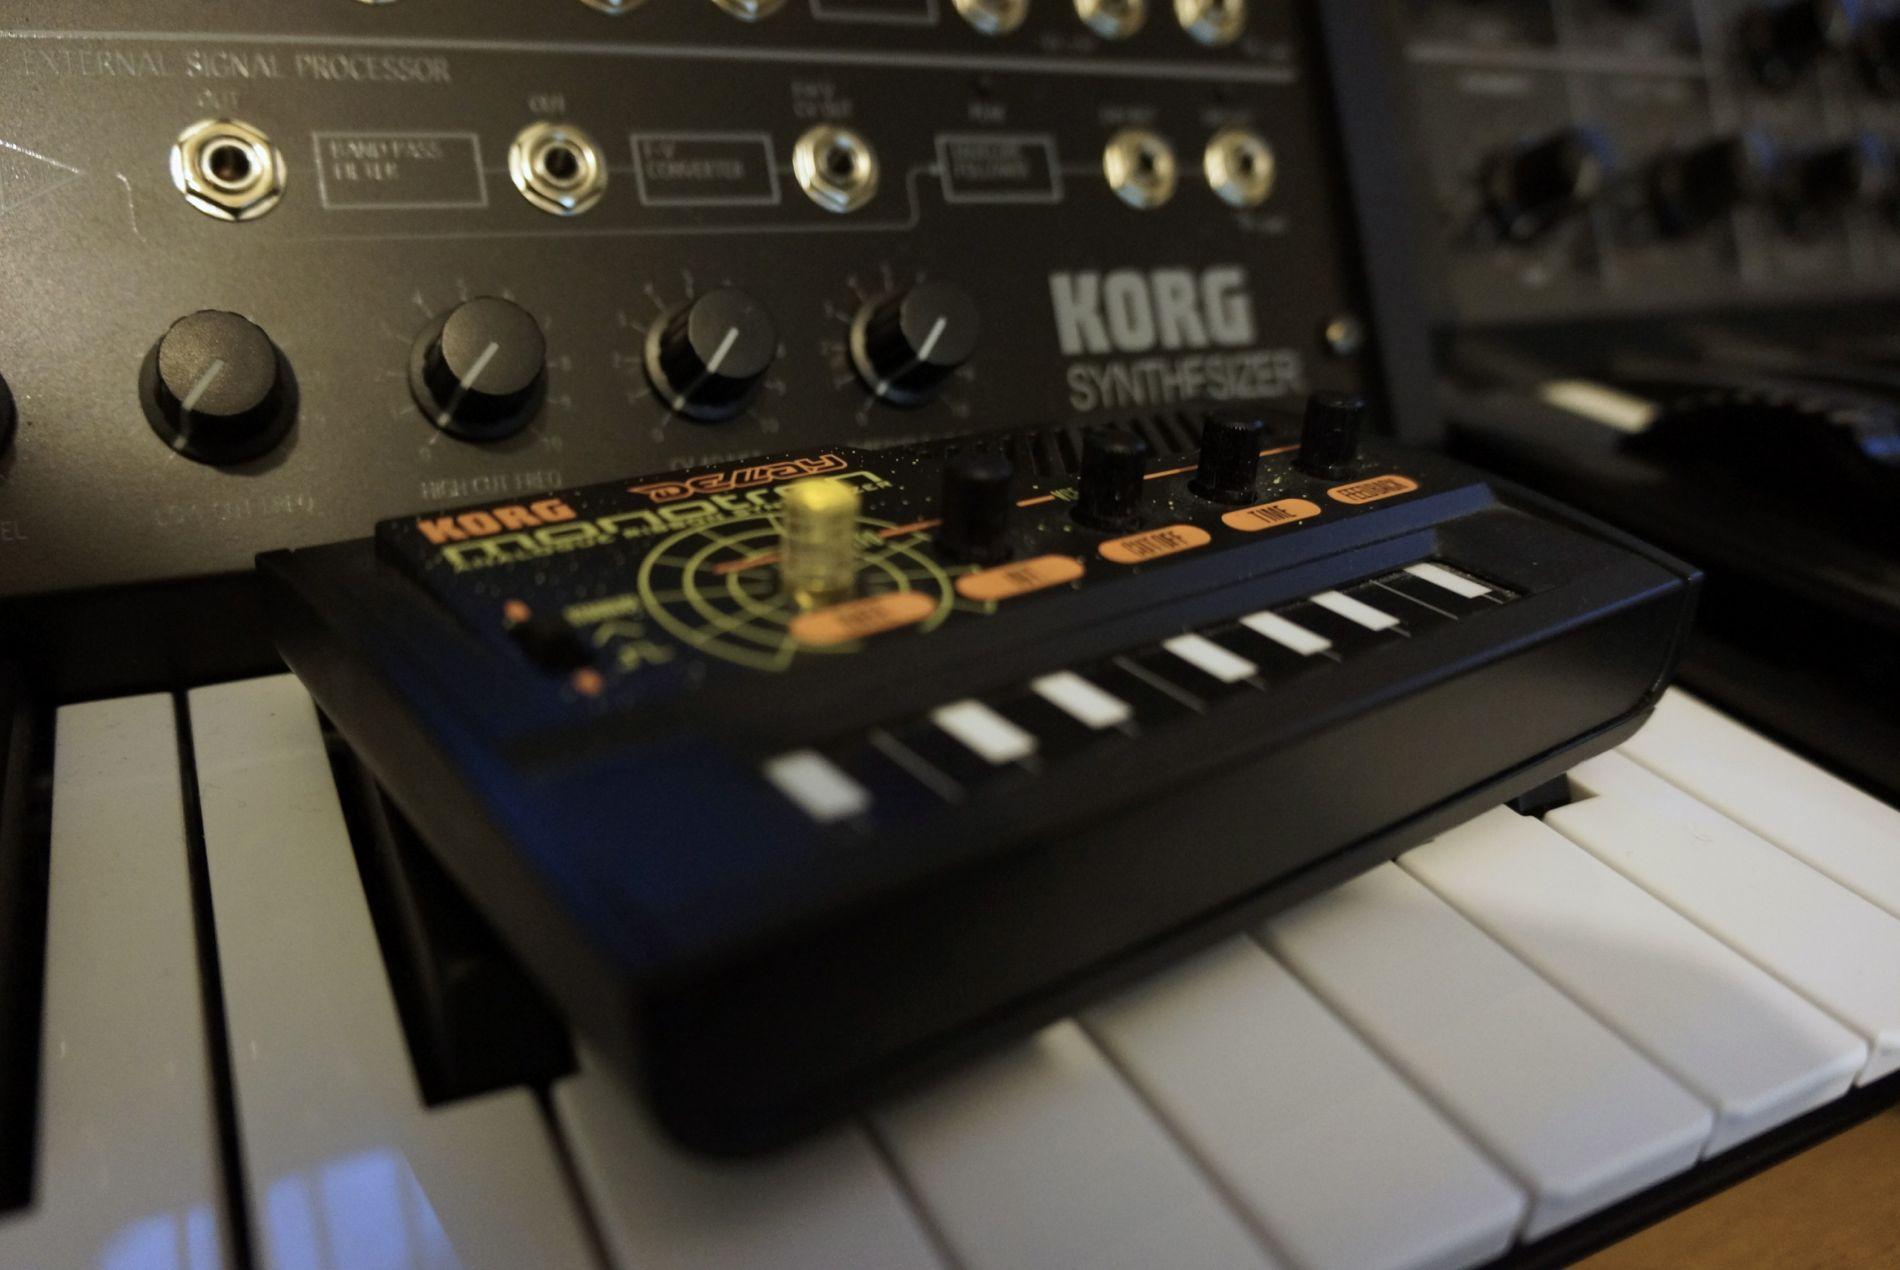 Tested: MS-20 Mini versus Original MS-20, in the Studio